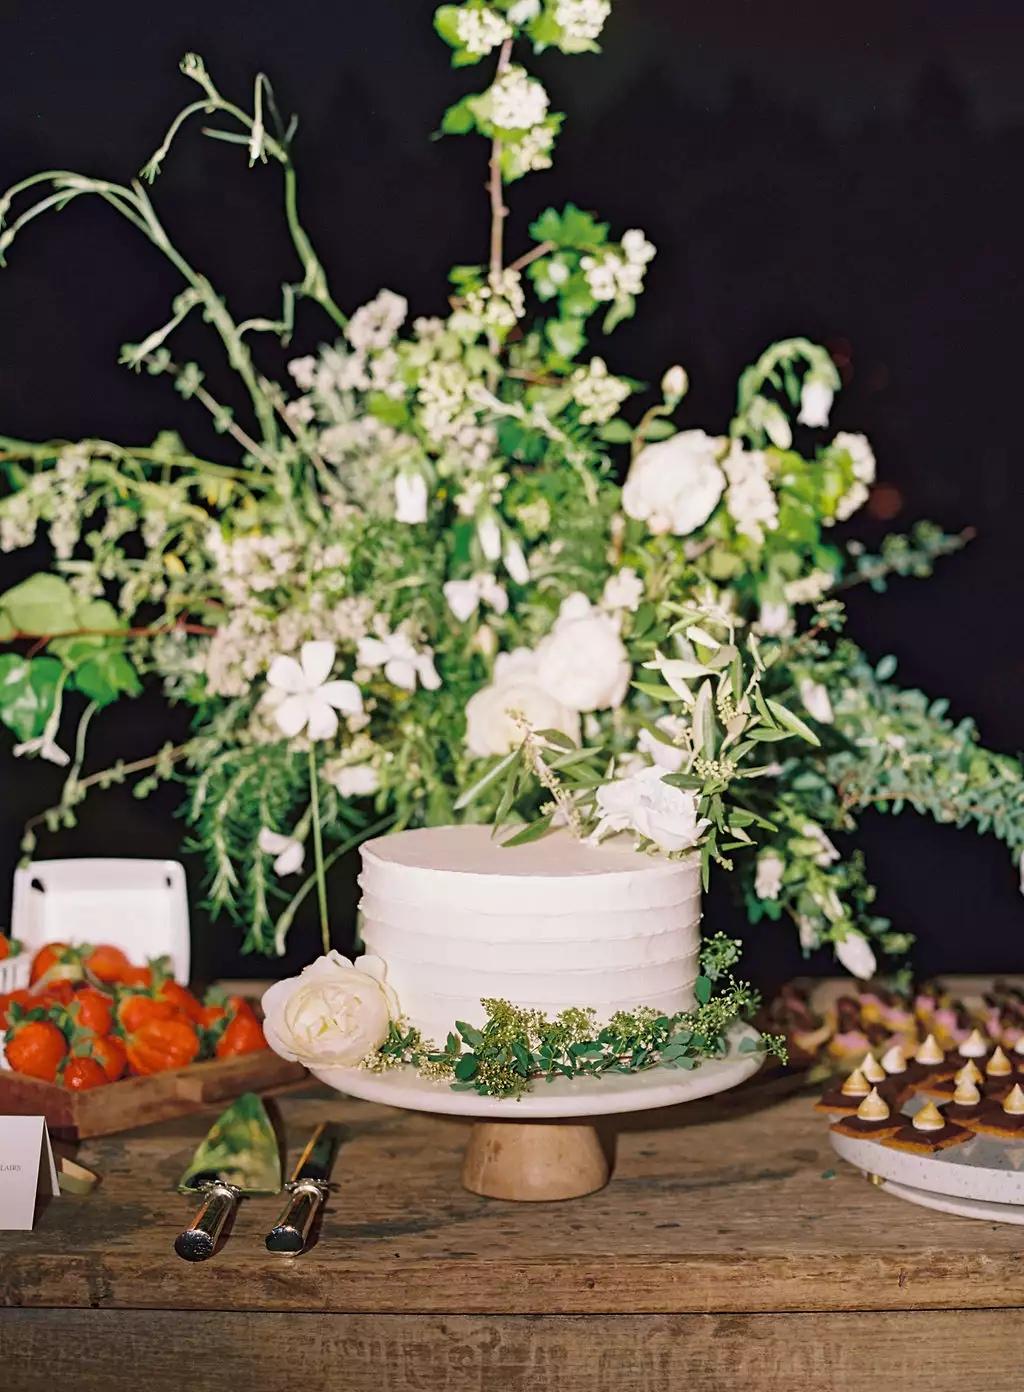 gBD6CNyjVbg - Маленькие свадебные торты